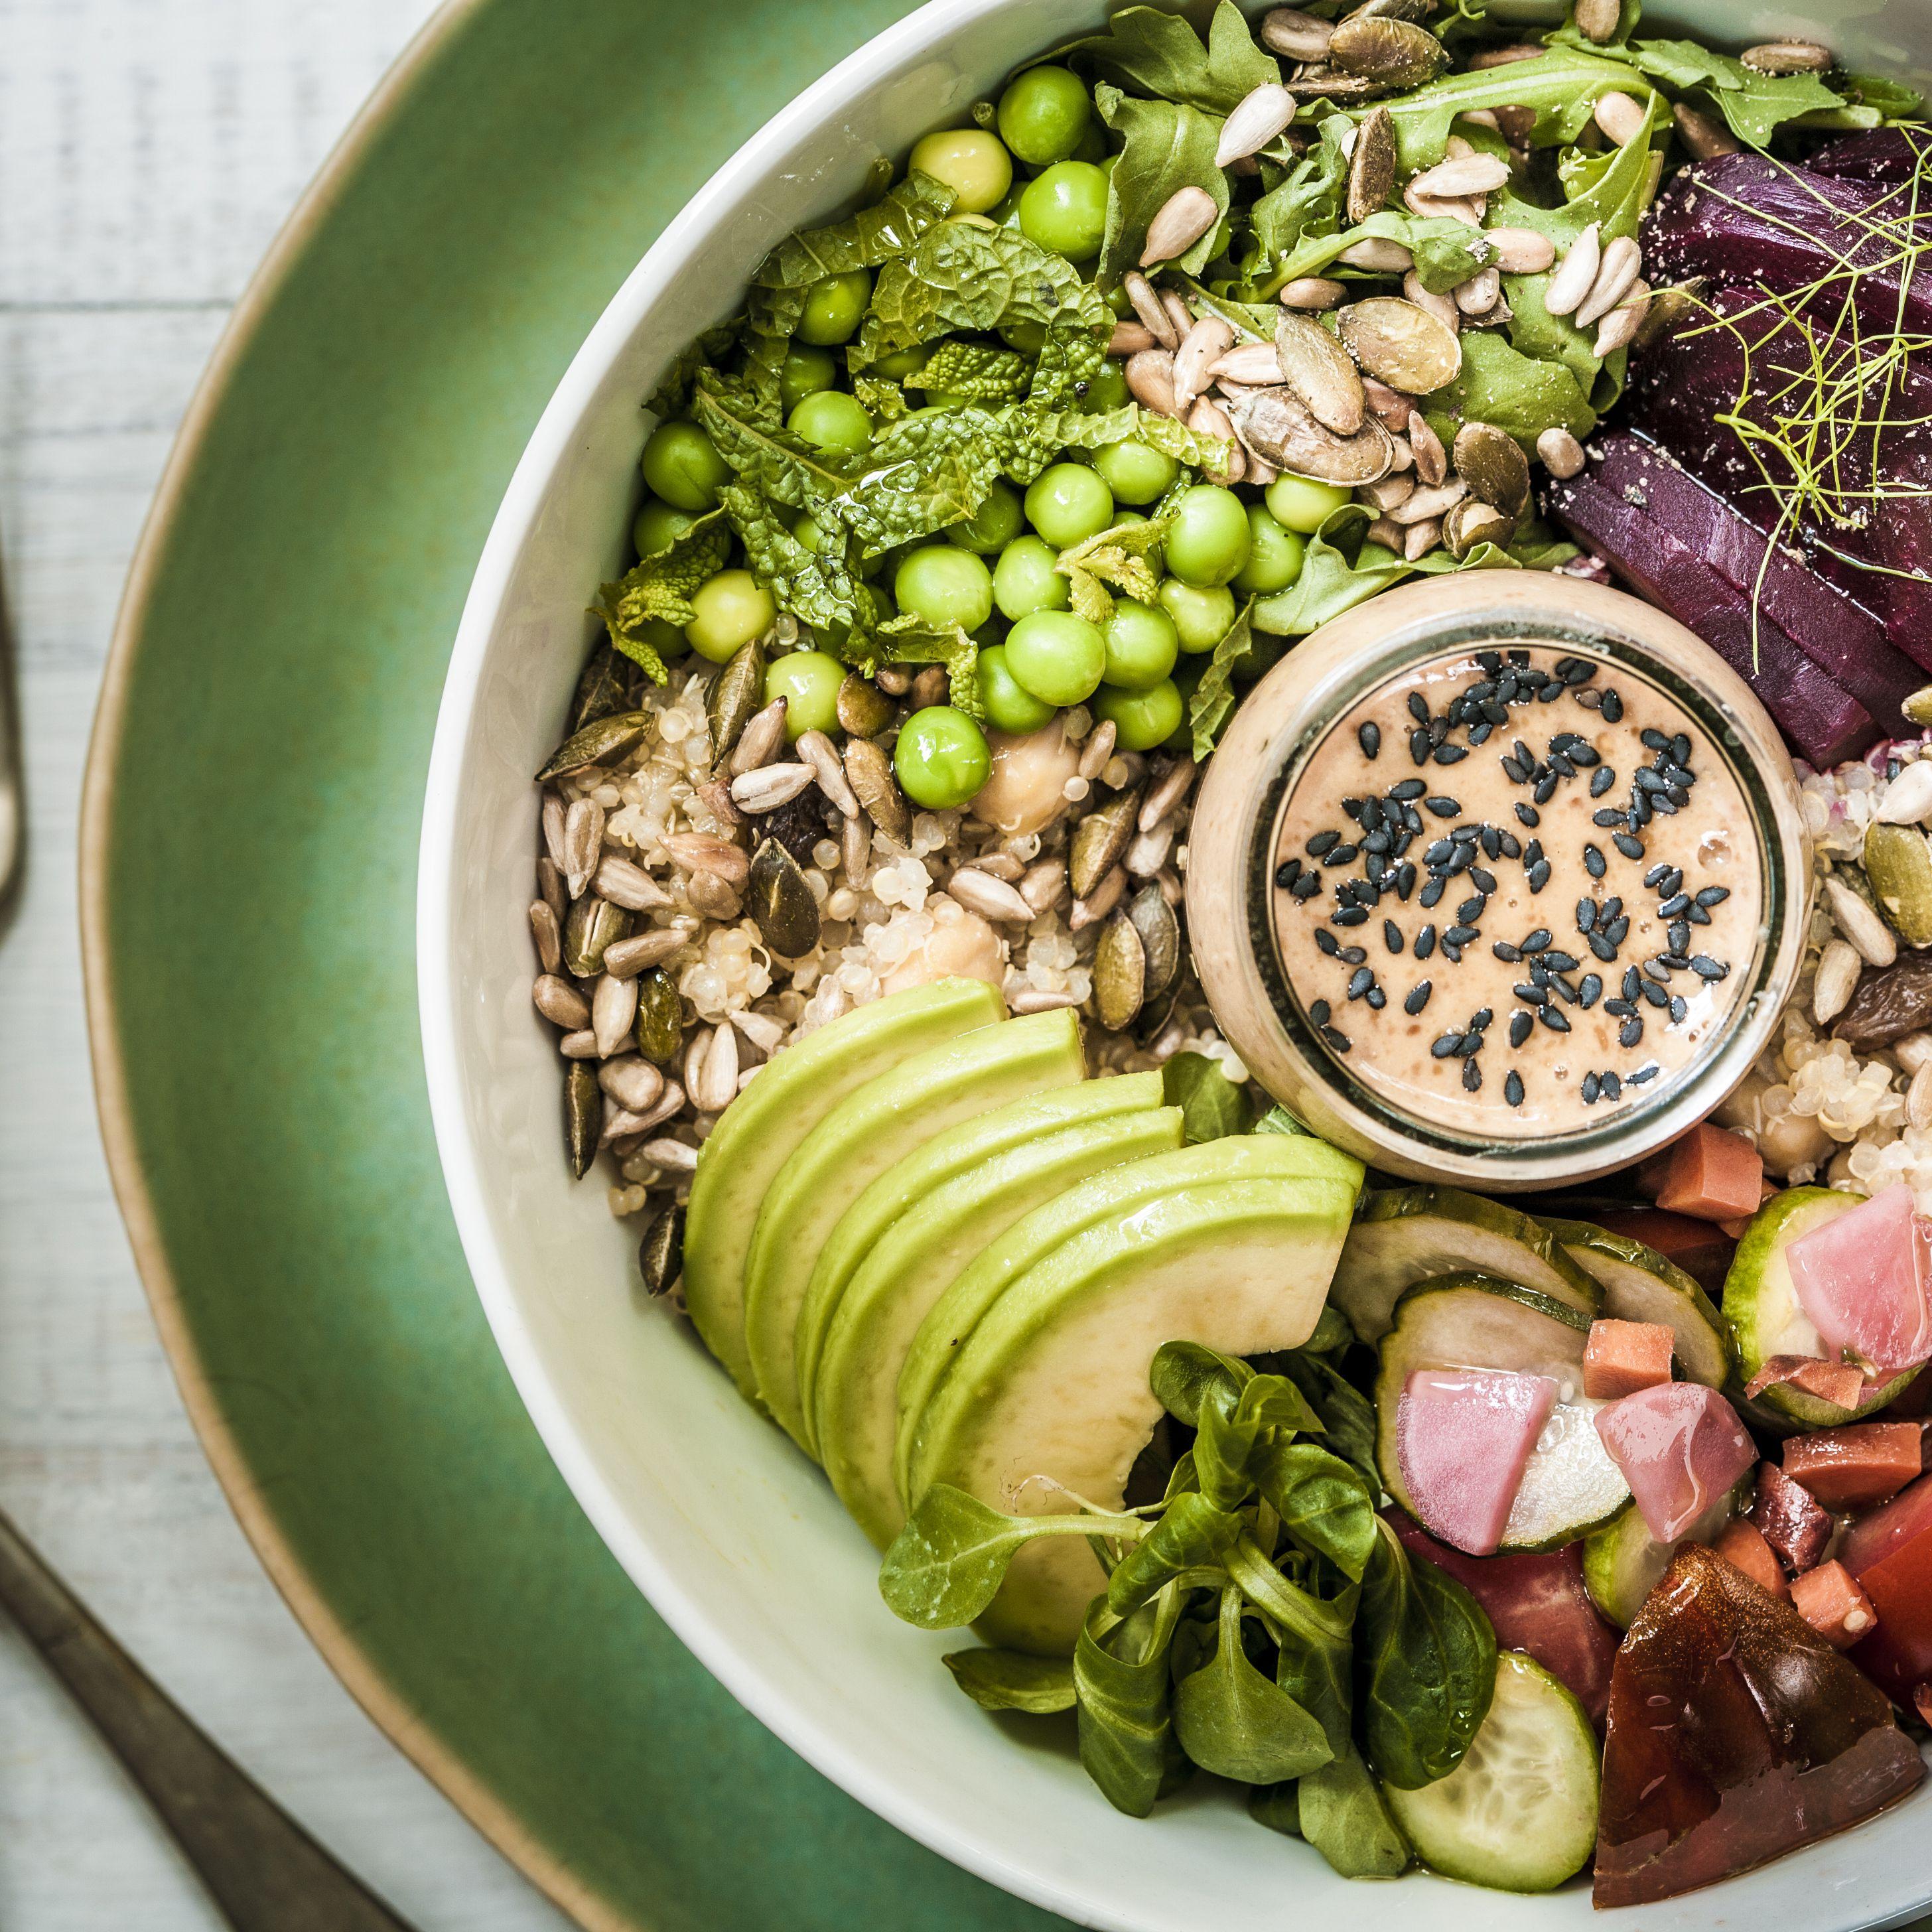 One Week Sample Vegan Meal Plan